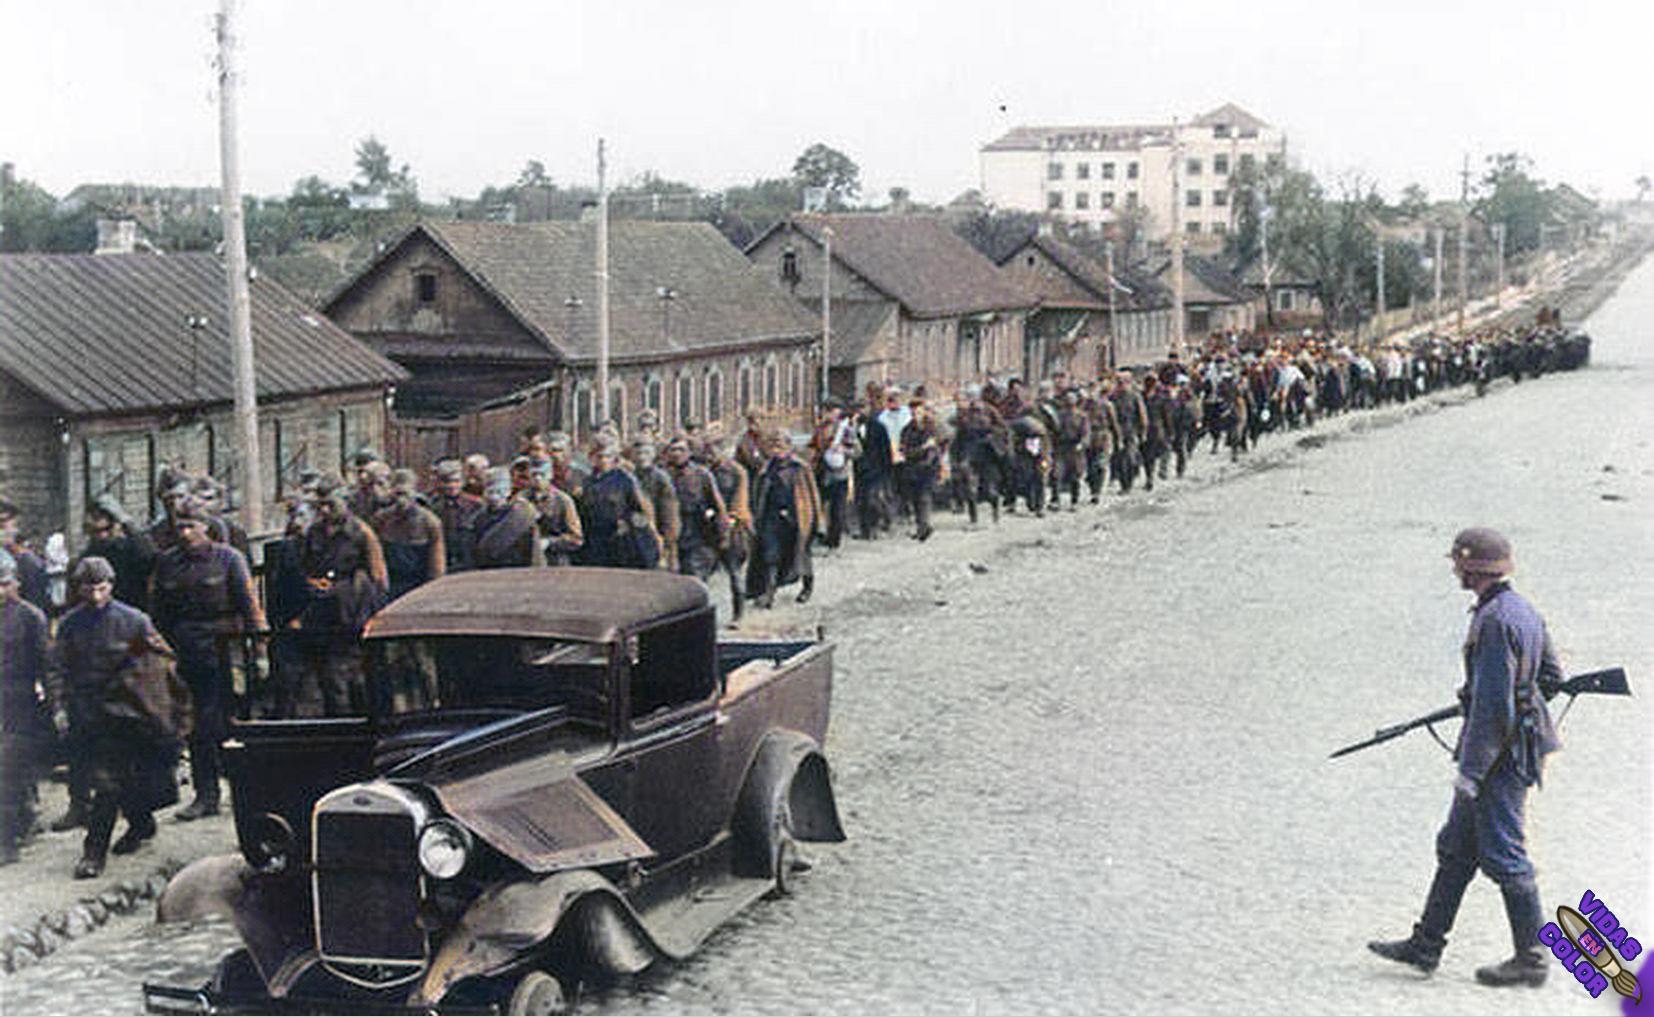 columna_de_prisioneros_sovieticos_capturados_cerca_de_minsk_bielorusia_julio_1945_color